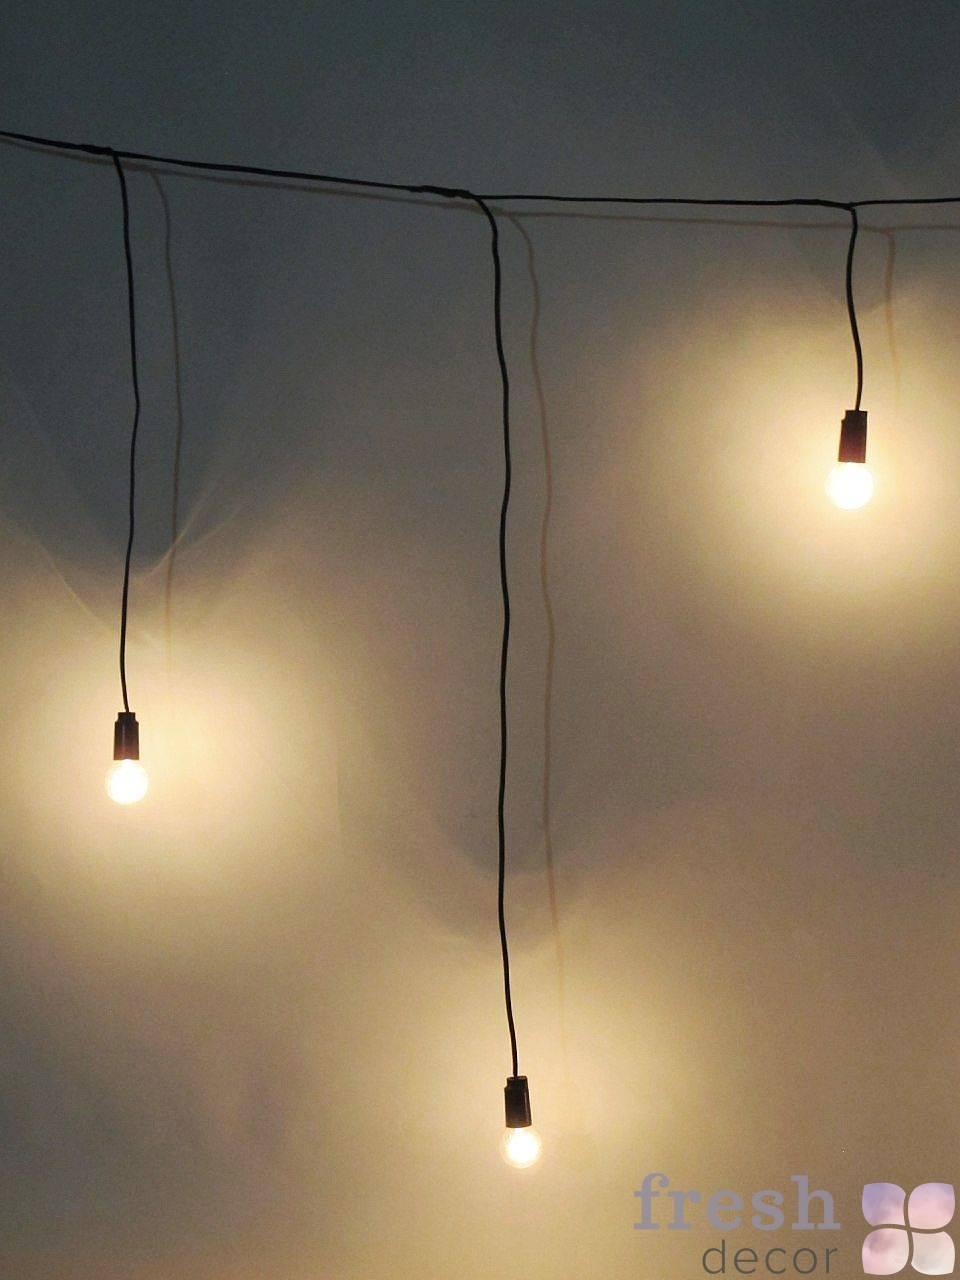 retro lampy girlyandy dlya dekora sten i poverxnostej